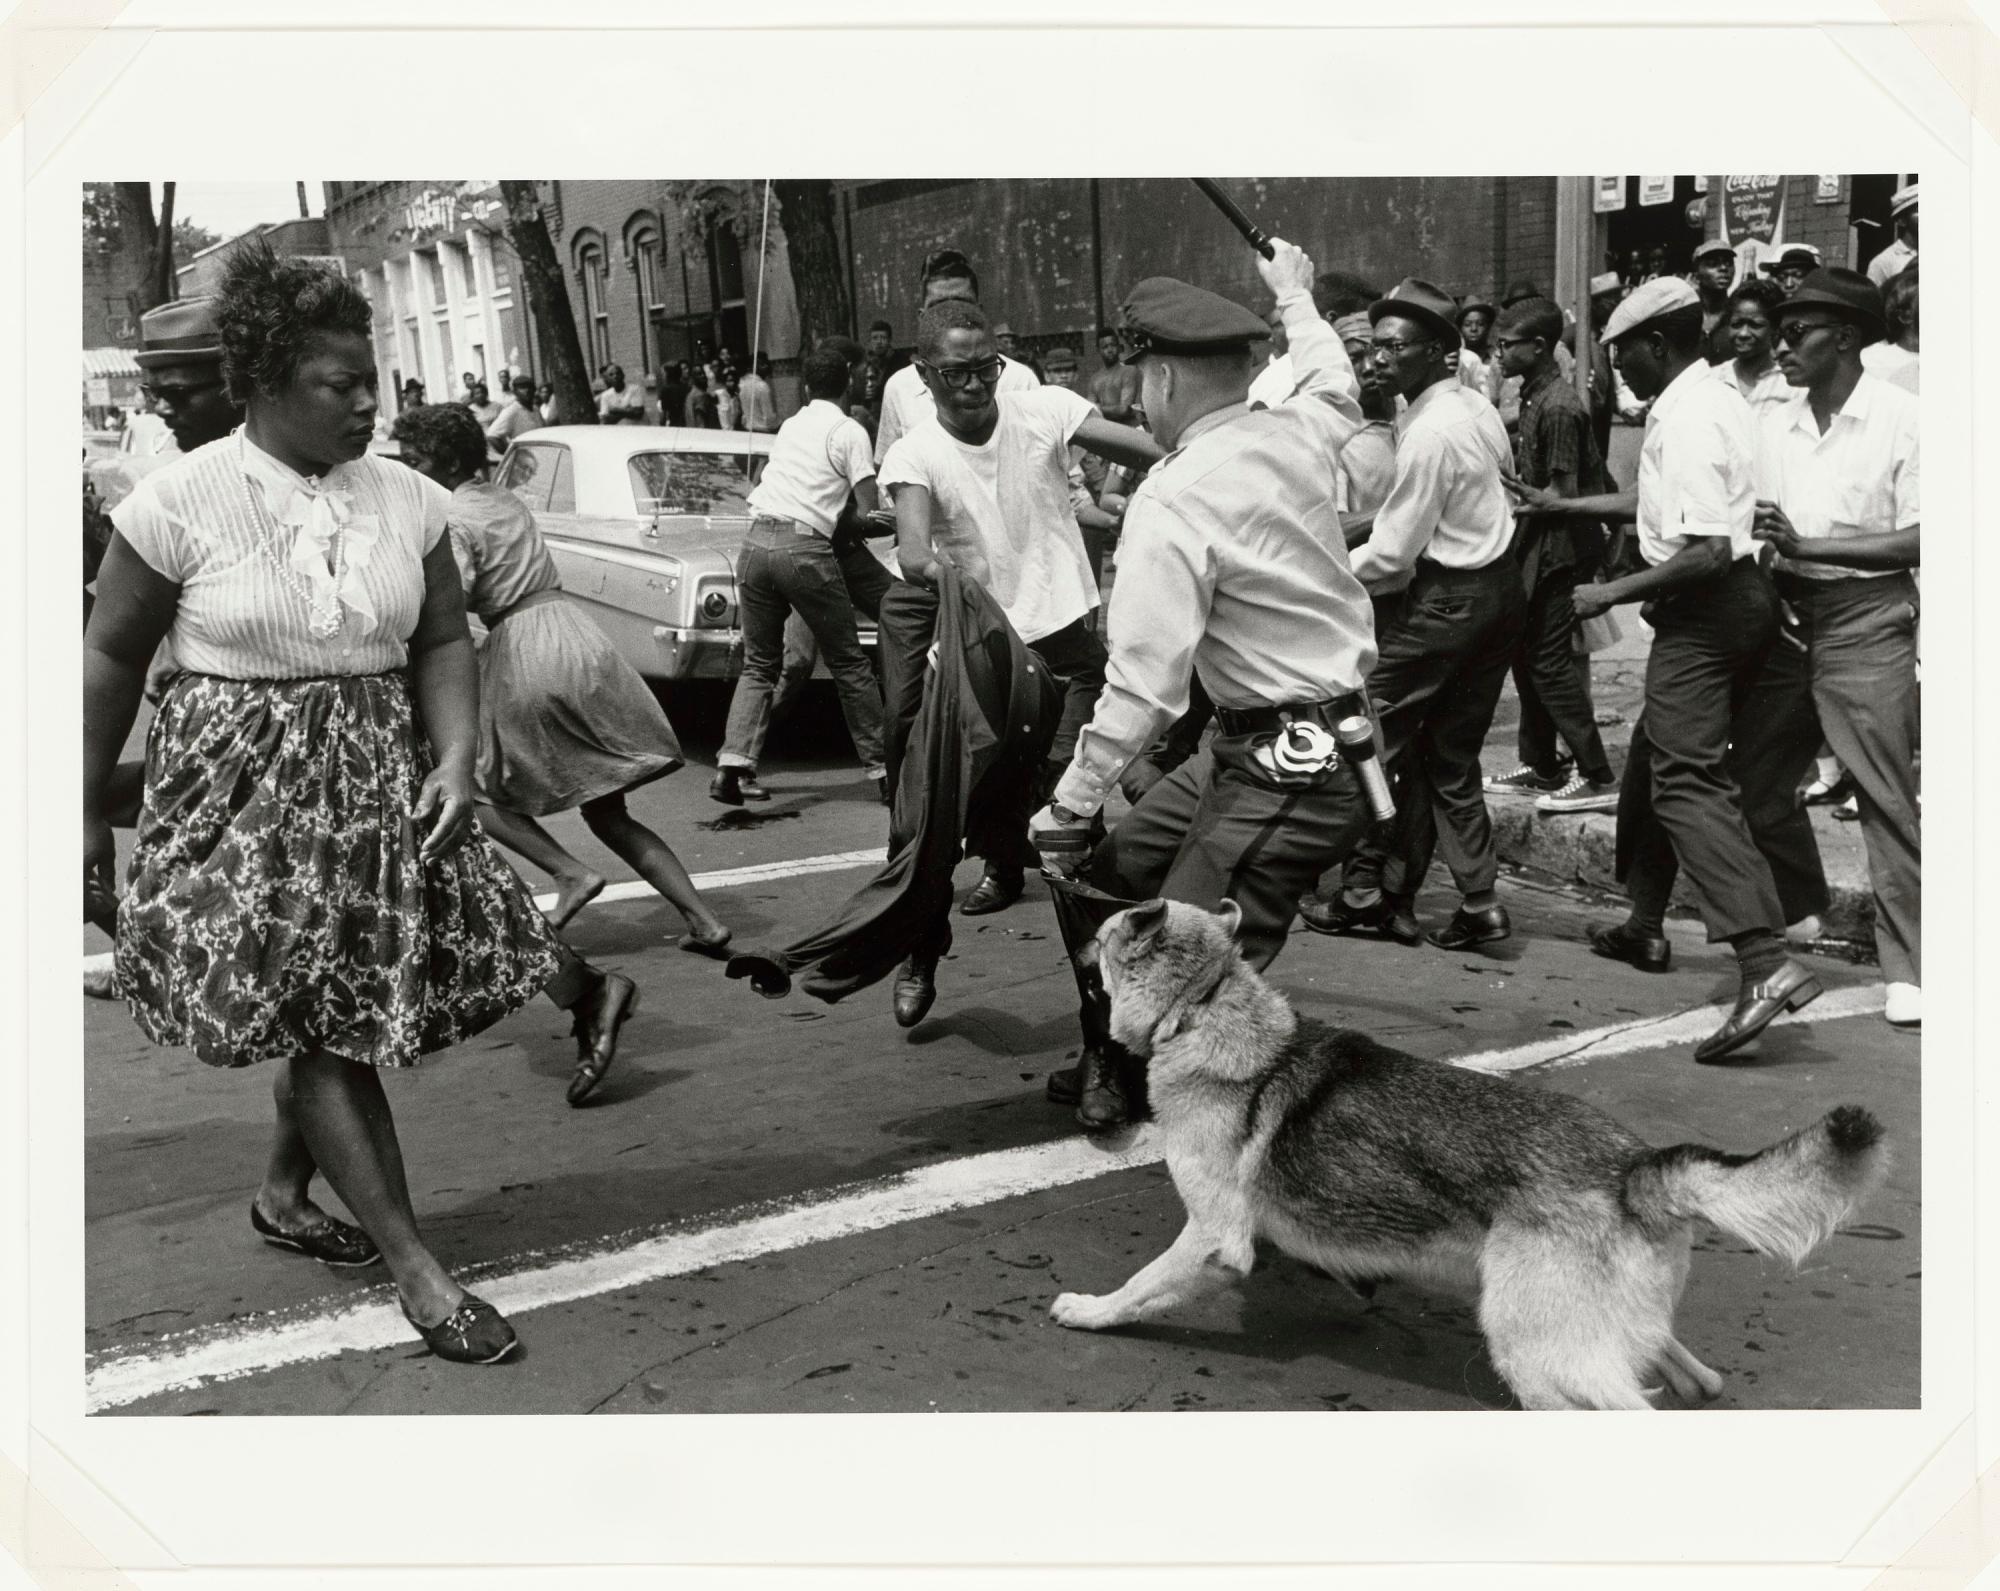 Civil Rights Movement, 1963